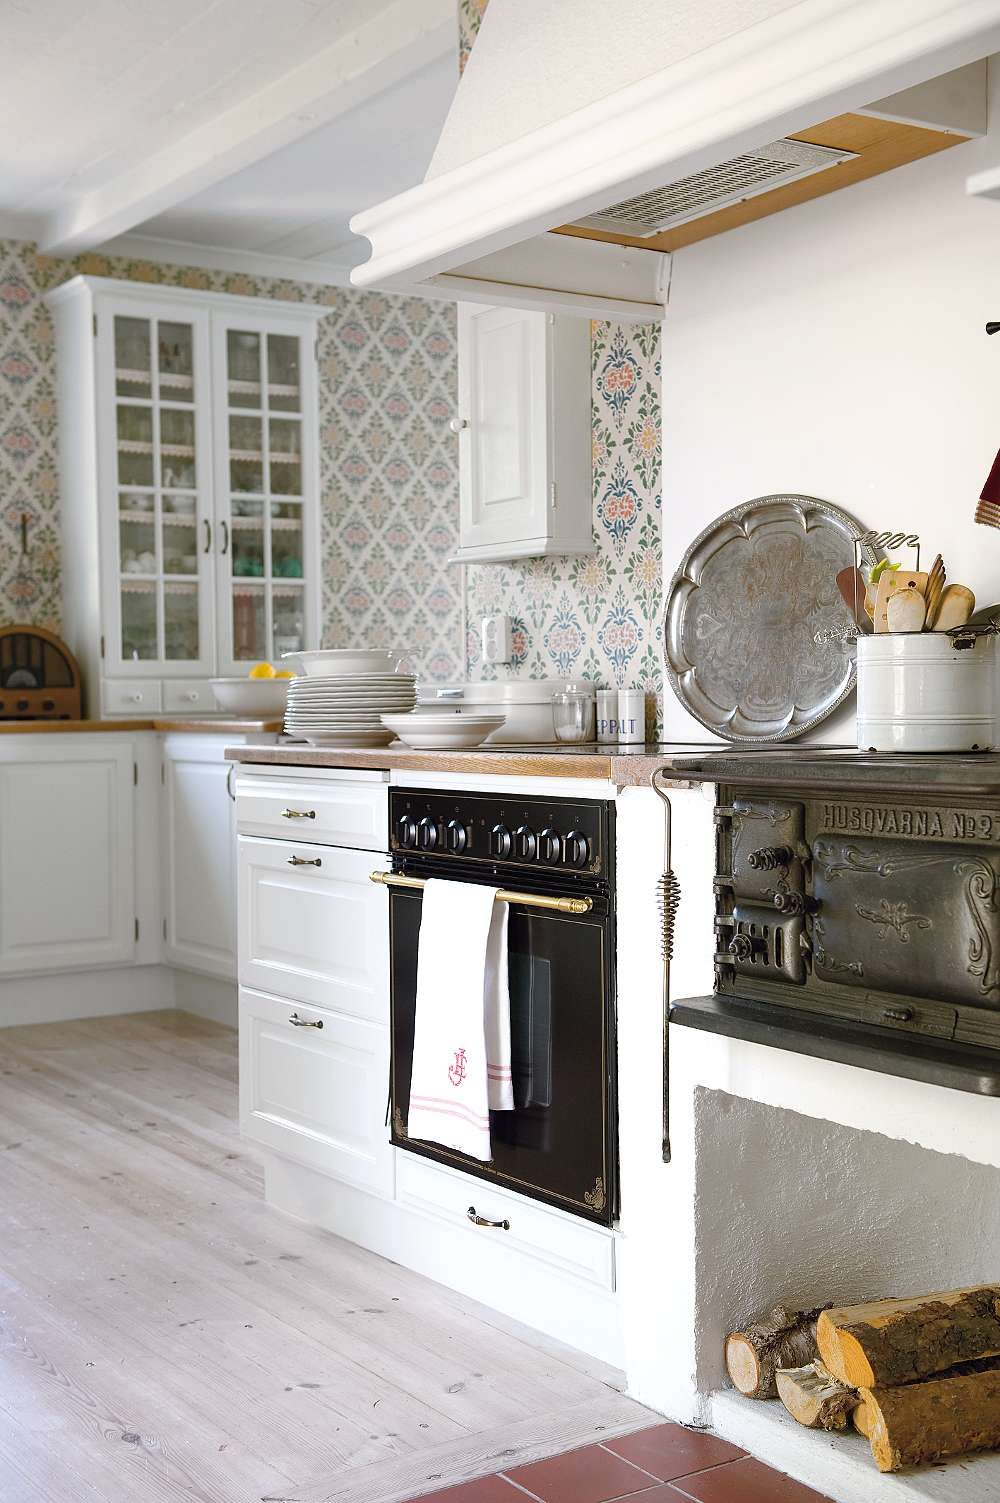 marmorb nkar eller betong p rlspont kakel eller en r timmerv gg inspireras av tio underbara. Black Bedroom Furniture Sets. Home Design Ideas